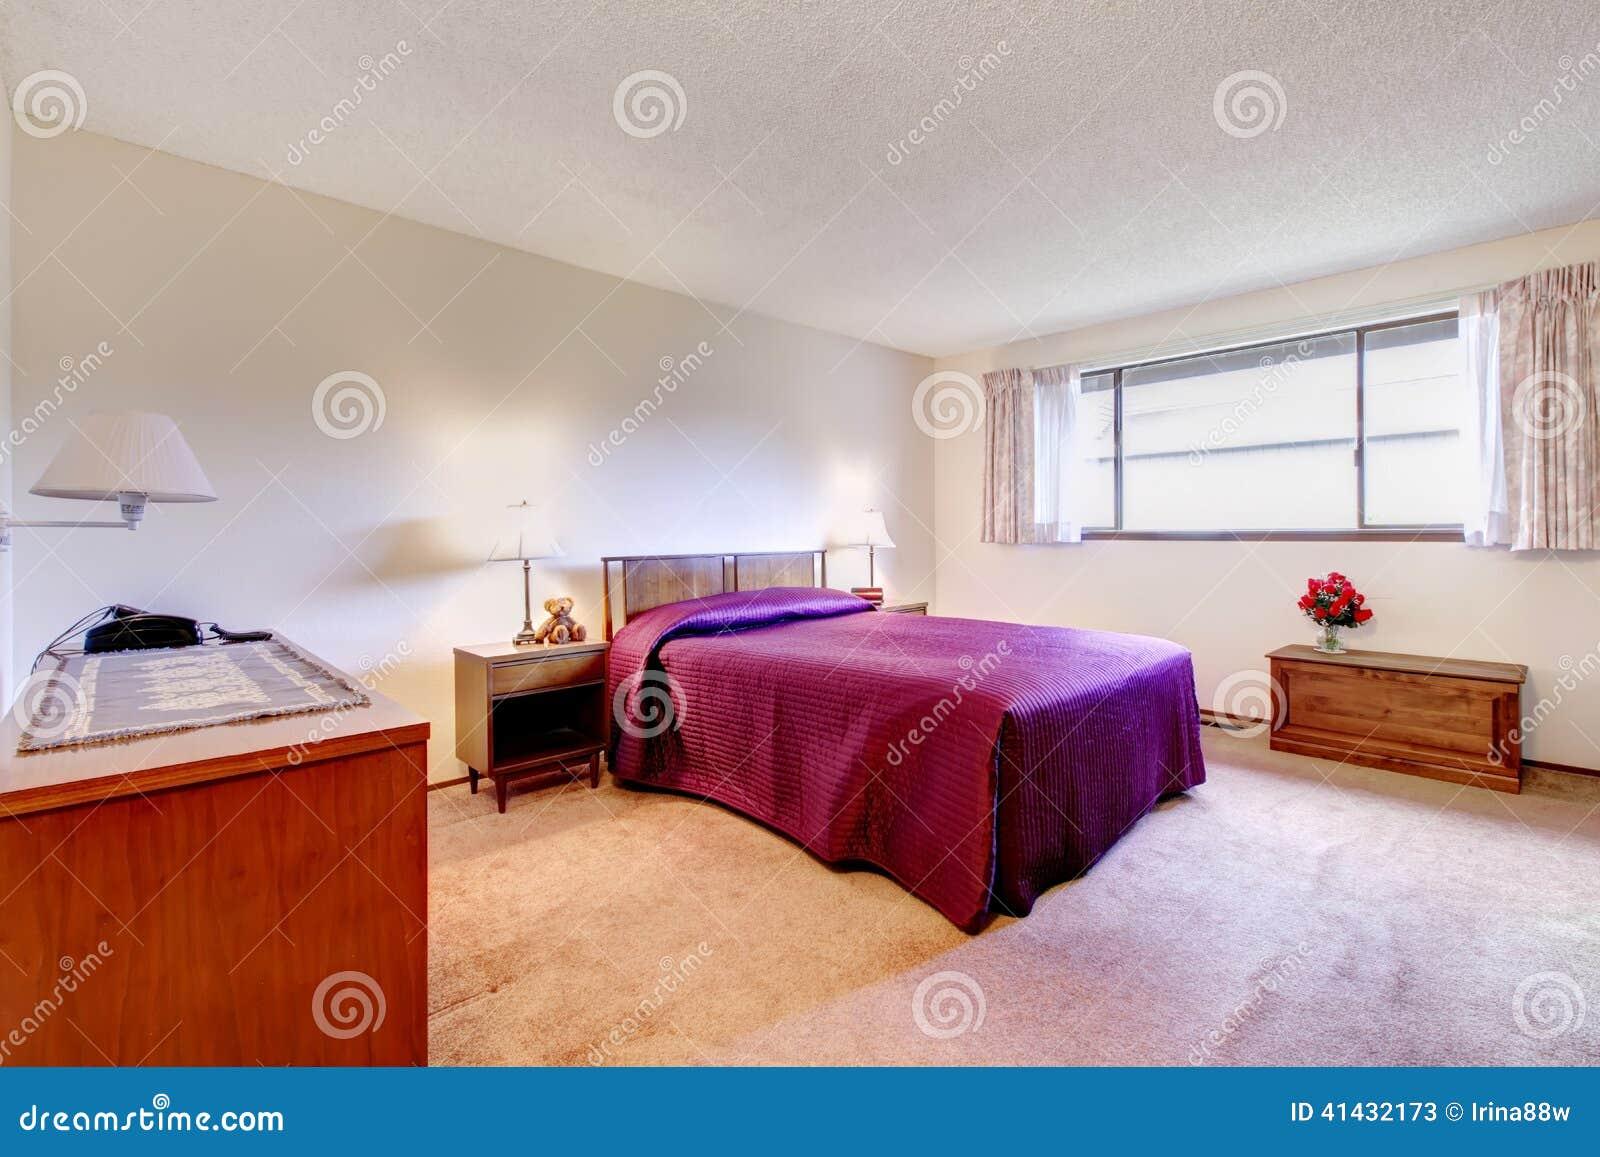 Chambre coucher spacieuse avec de vieux meubles for Meubles chambres a coucher